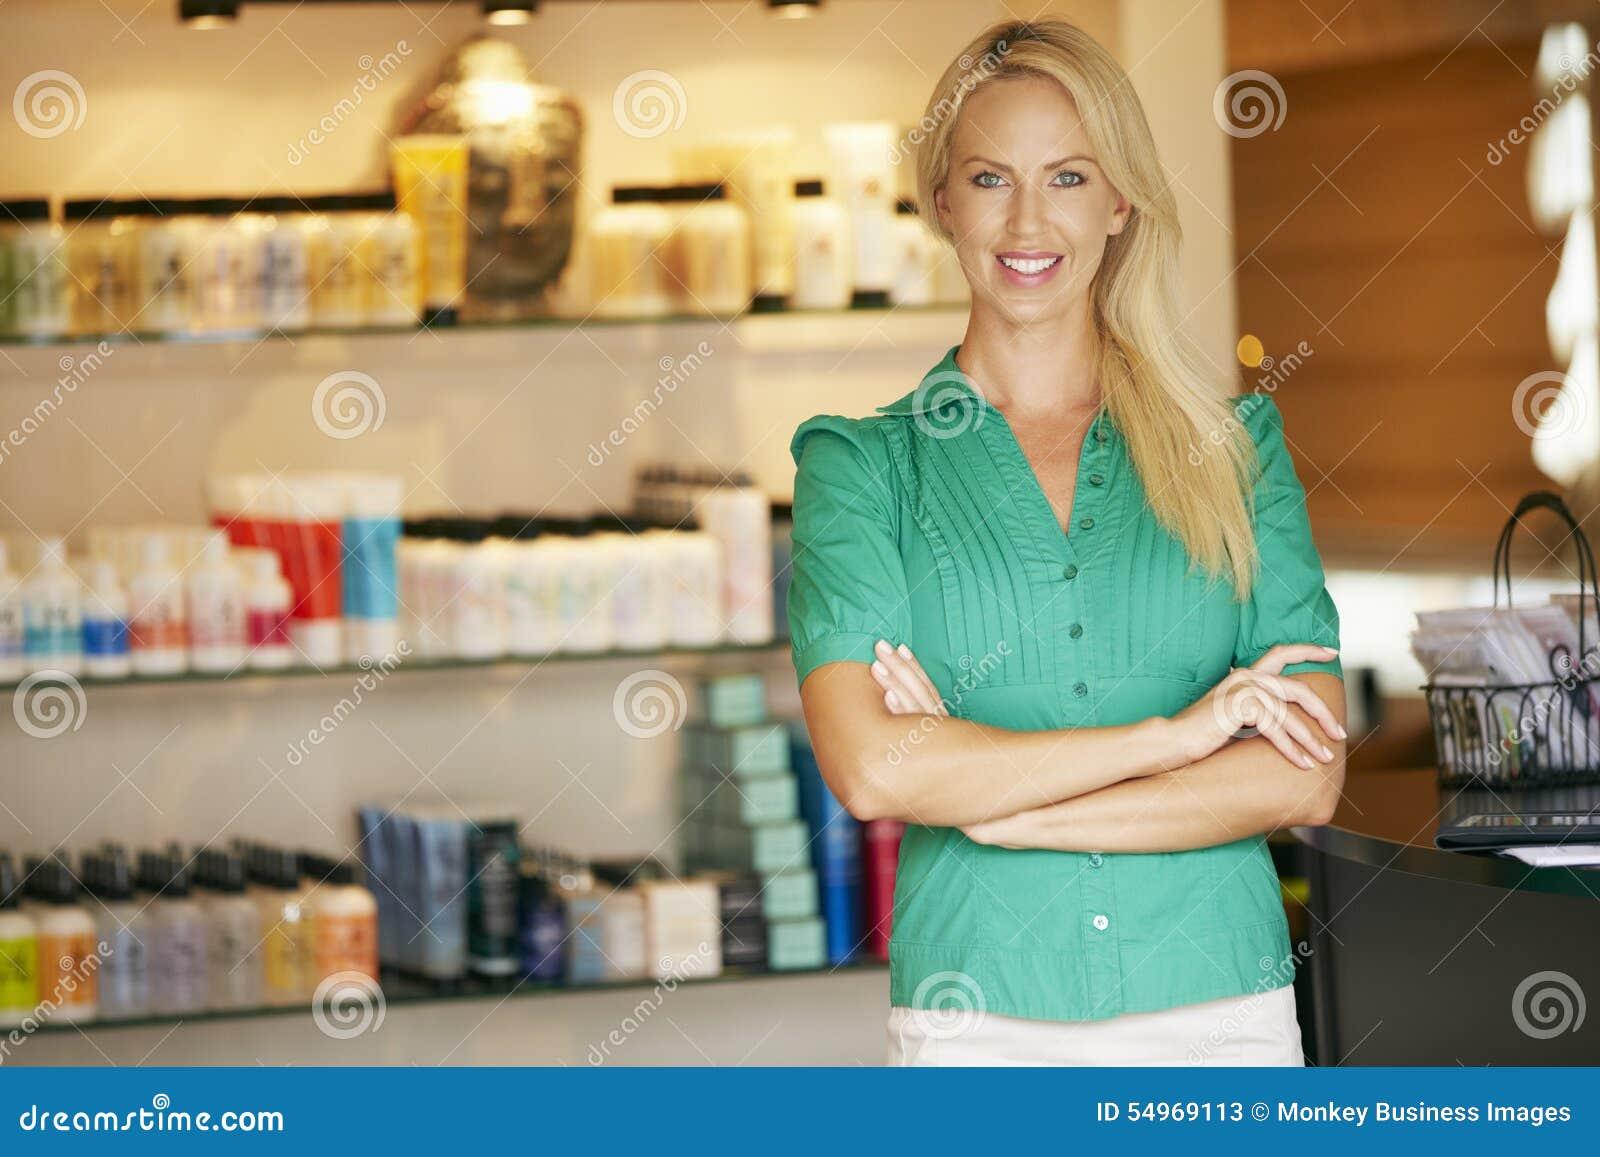 Ståendeskönhetsprodukten shoppar chefen